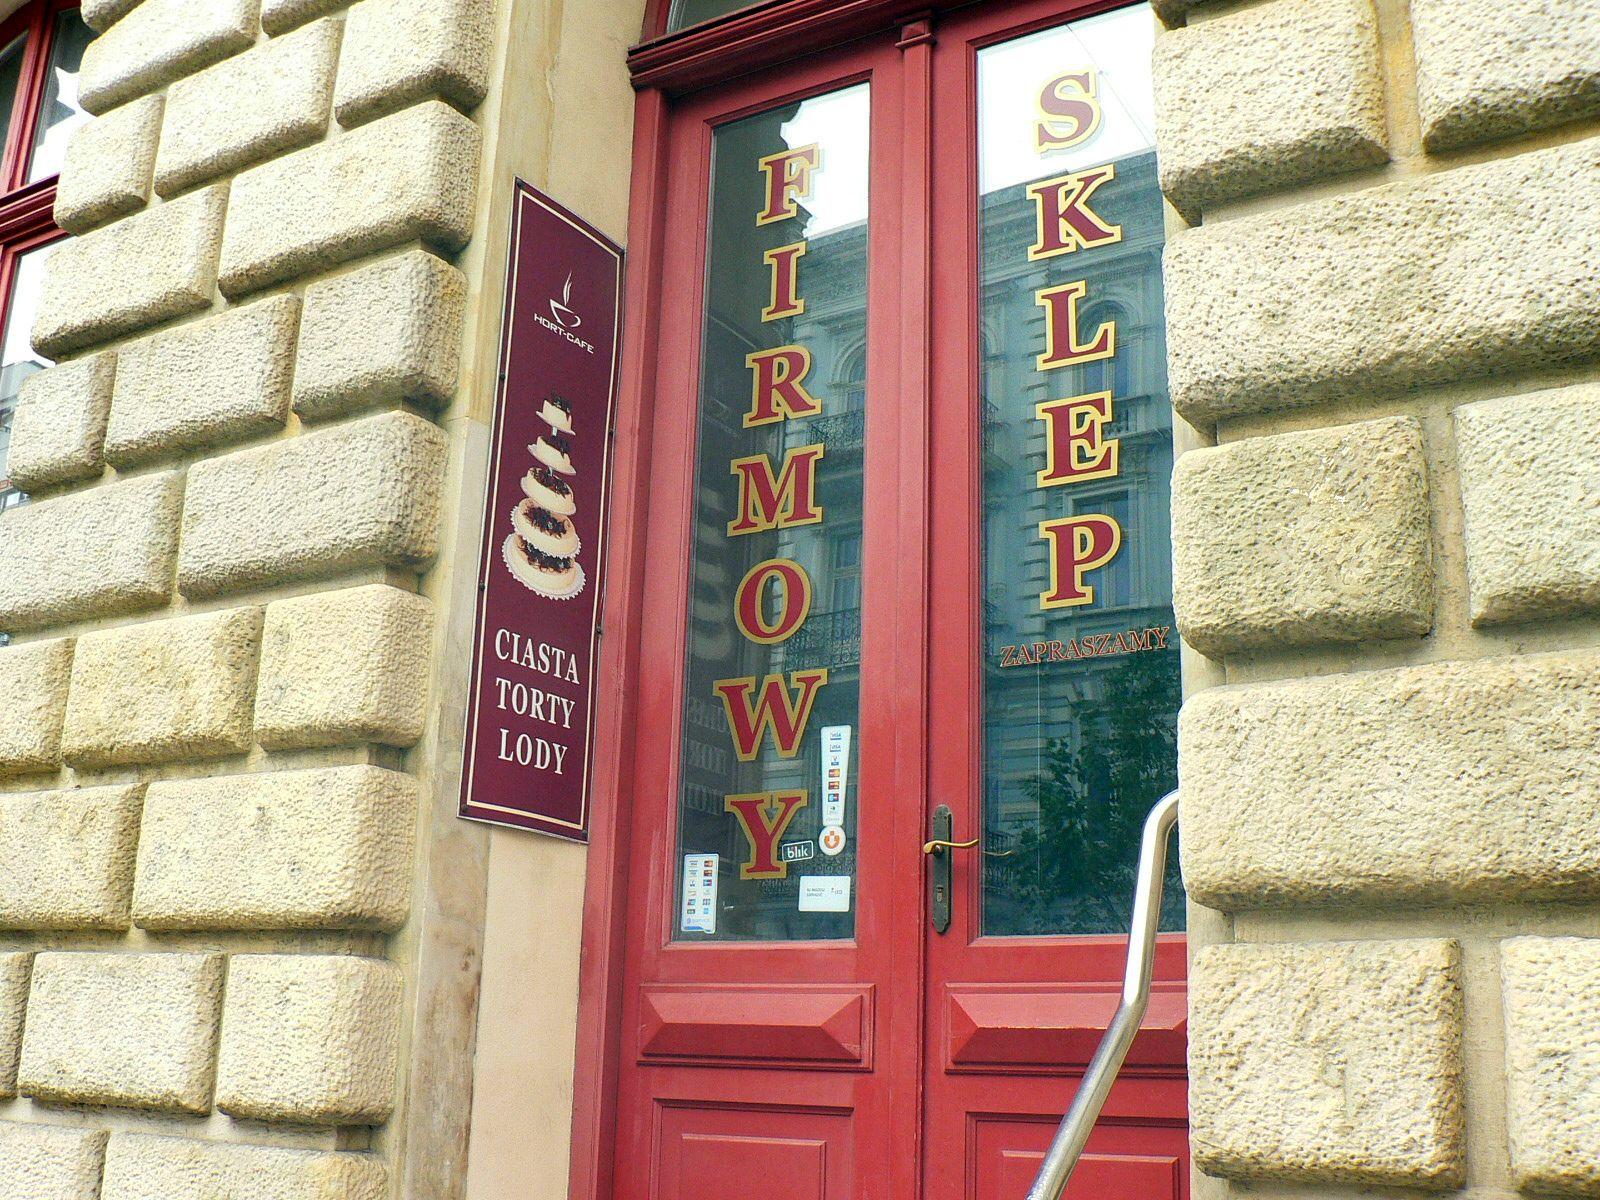 sklep hort-cafe Piotrkowska Łódź